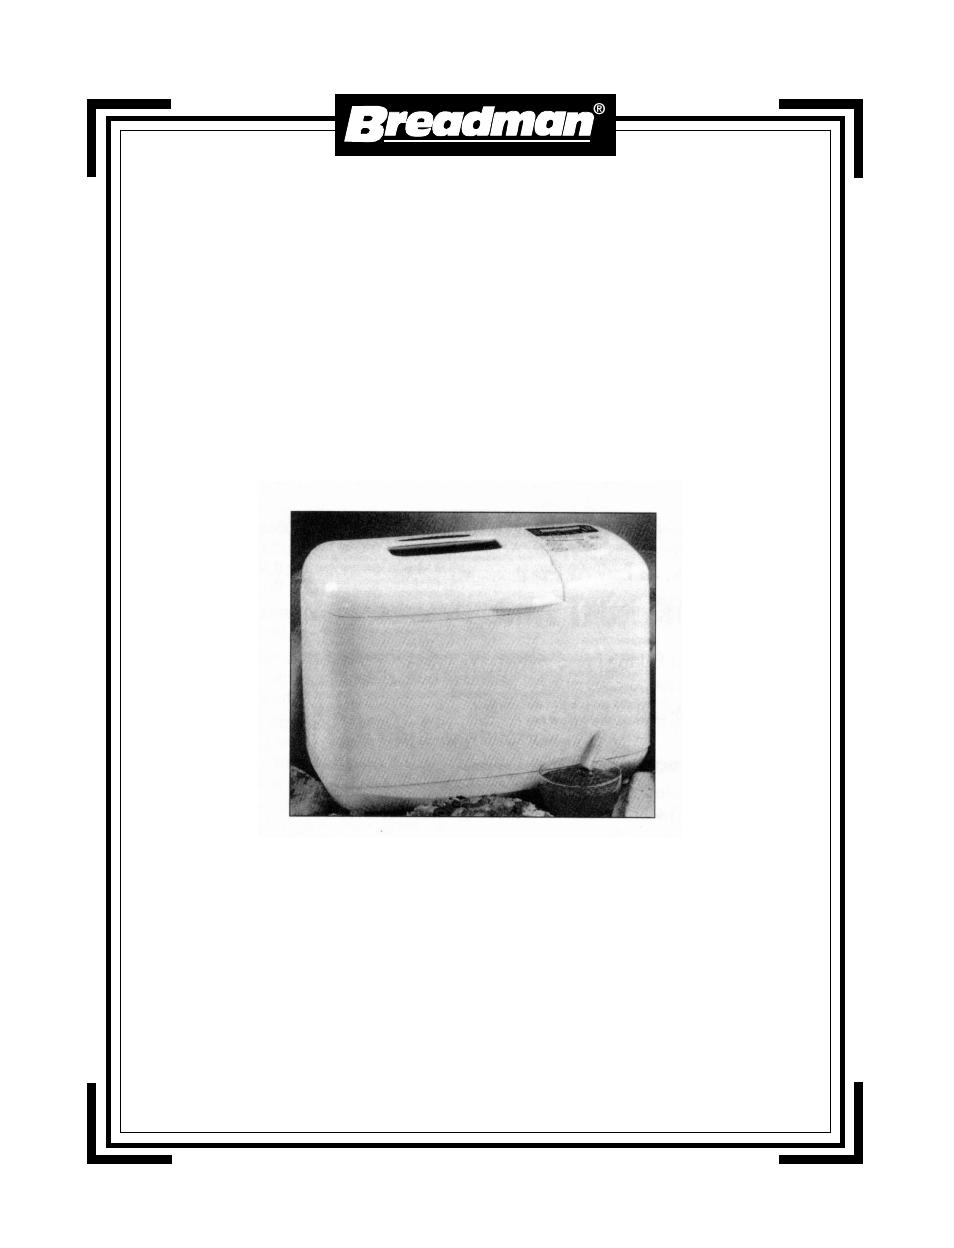 breadman bread baker tr845 user manual 53 pages rh manualsdir com Breadman TR555LC Manual breadman pro tr875 user manual